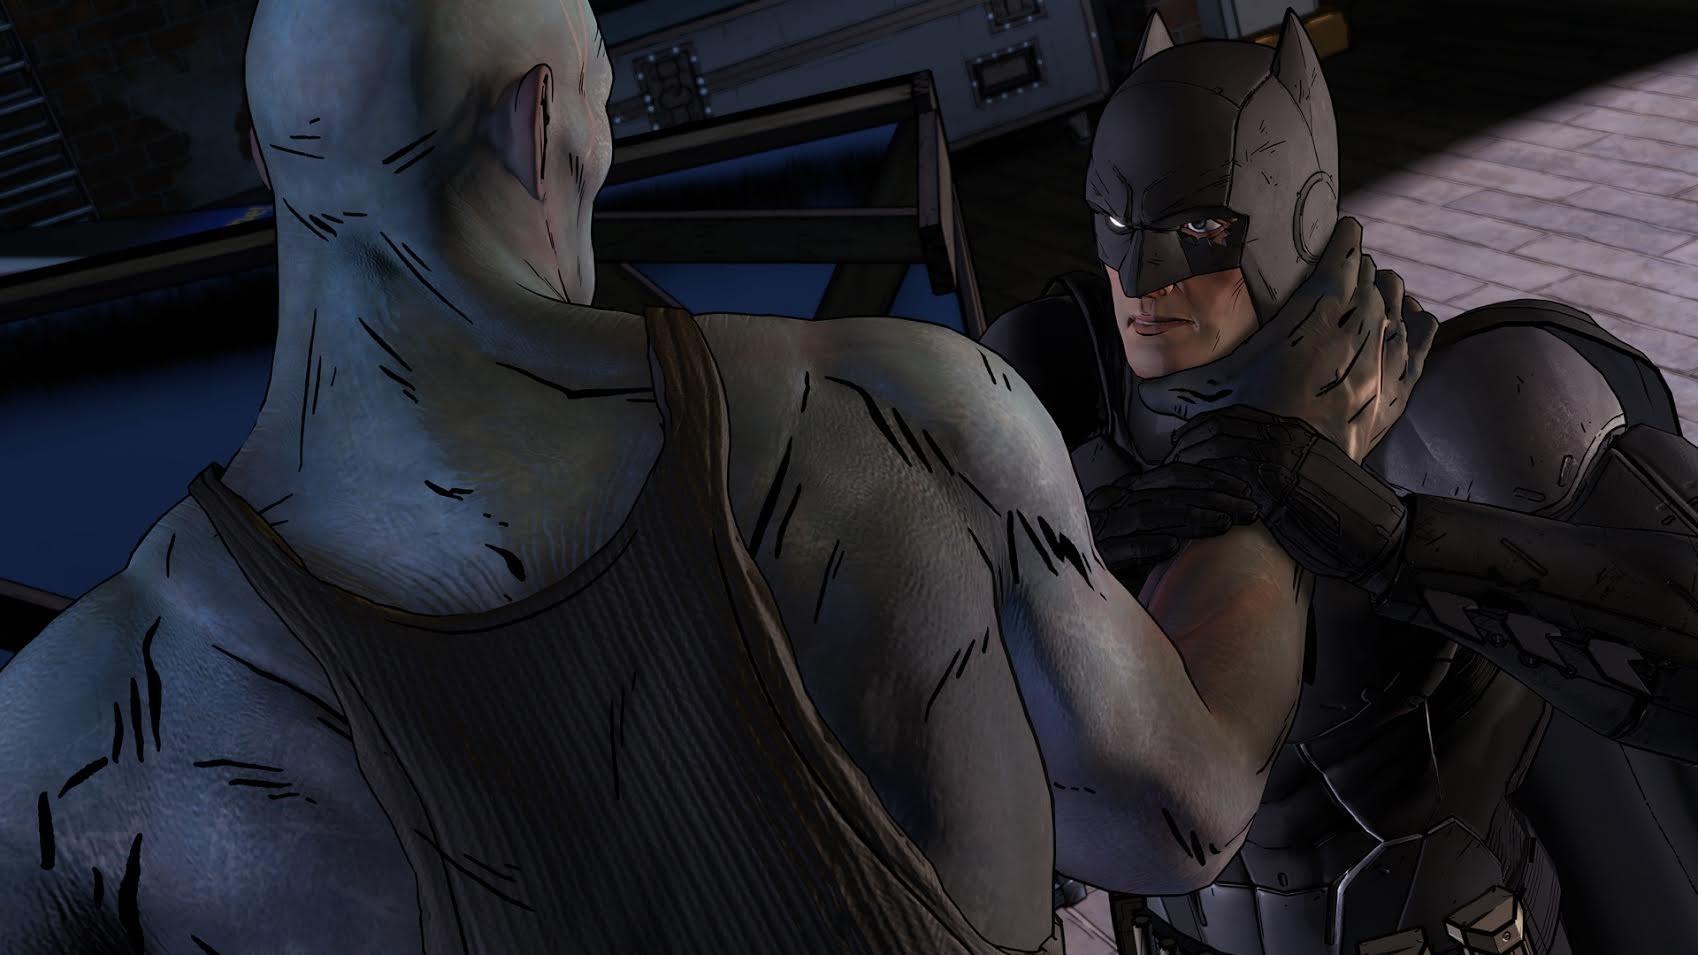 Telltale《蝙蝠侠》第二章新截图公布